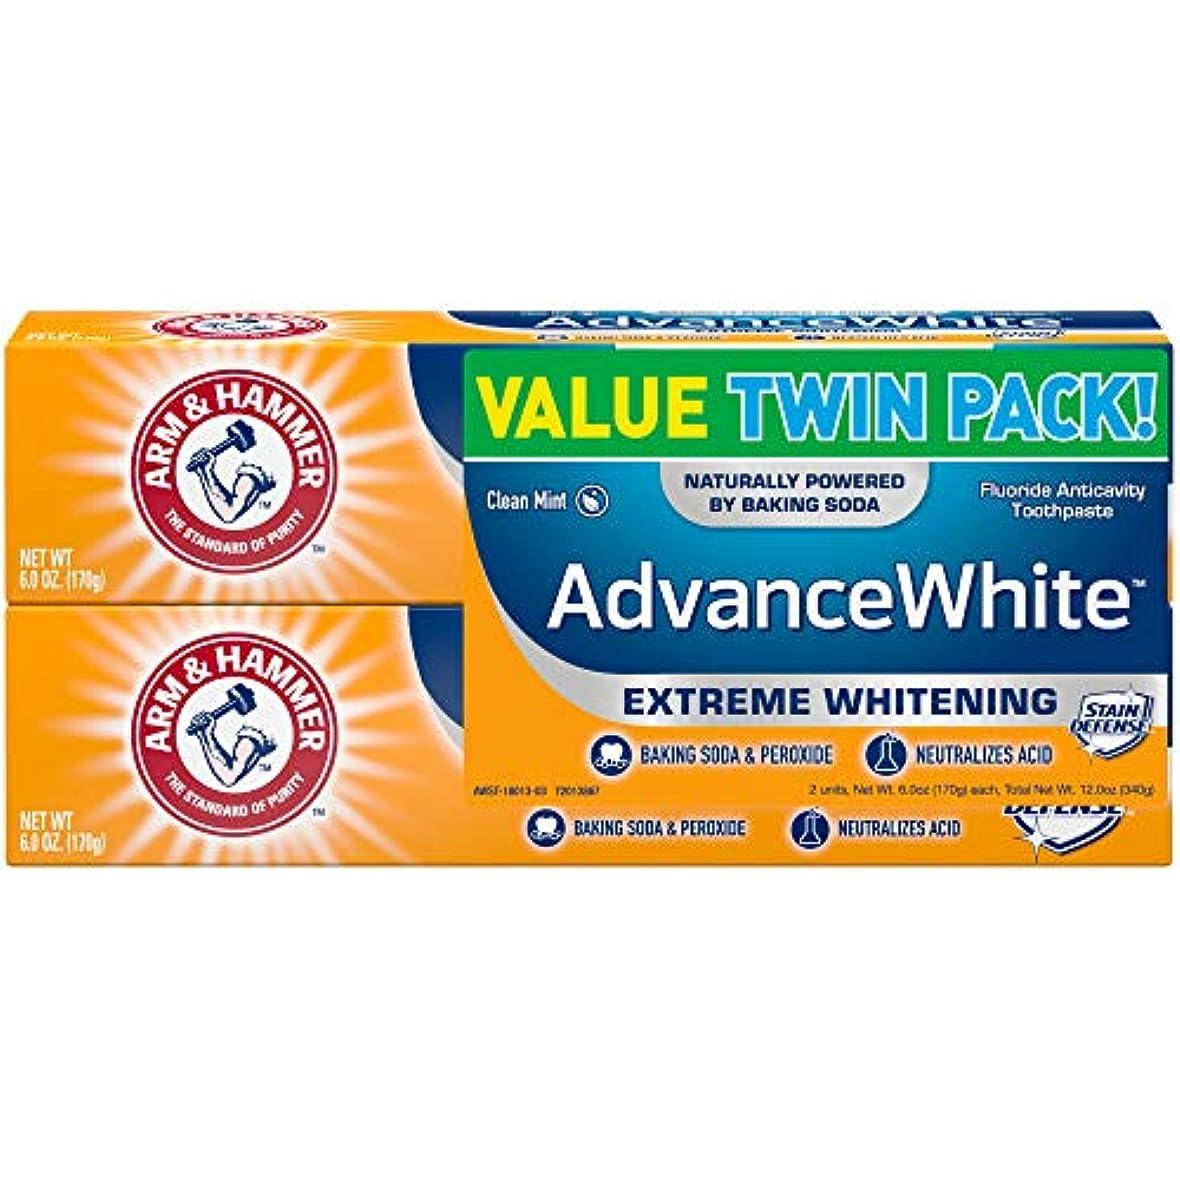 締める贈り物市の花Arm & Hammer アーム&ハマー アドバンス ホワイト 歯磨き粉 2個パック Toothpaste with Baking Soda & Peroxide